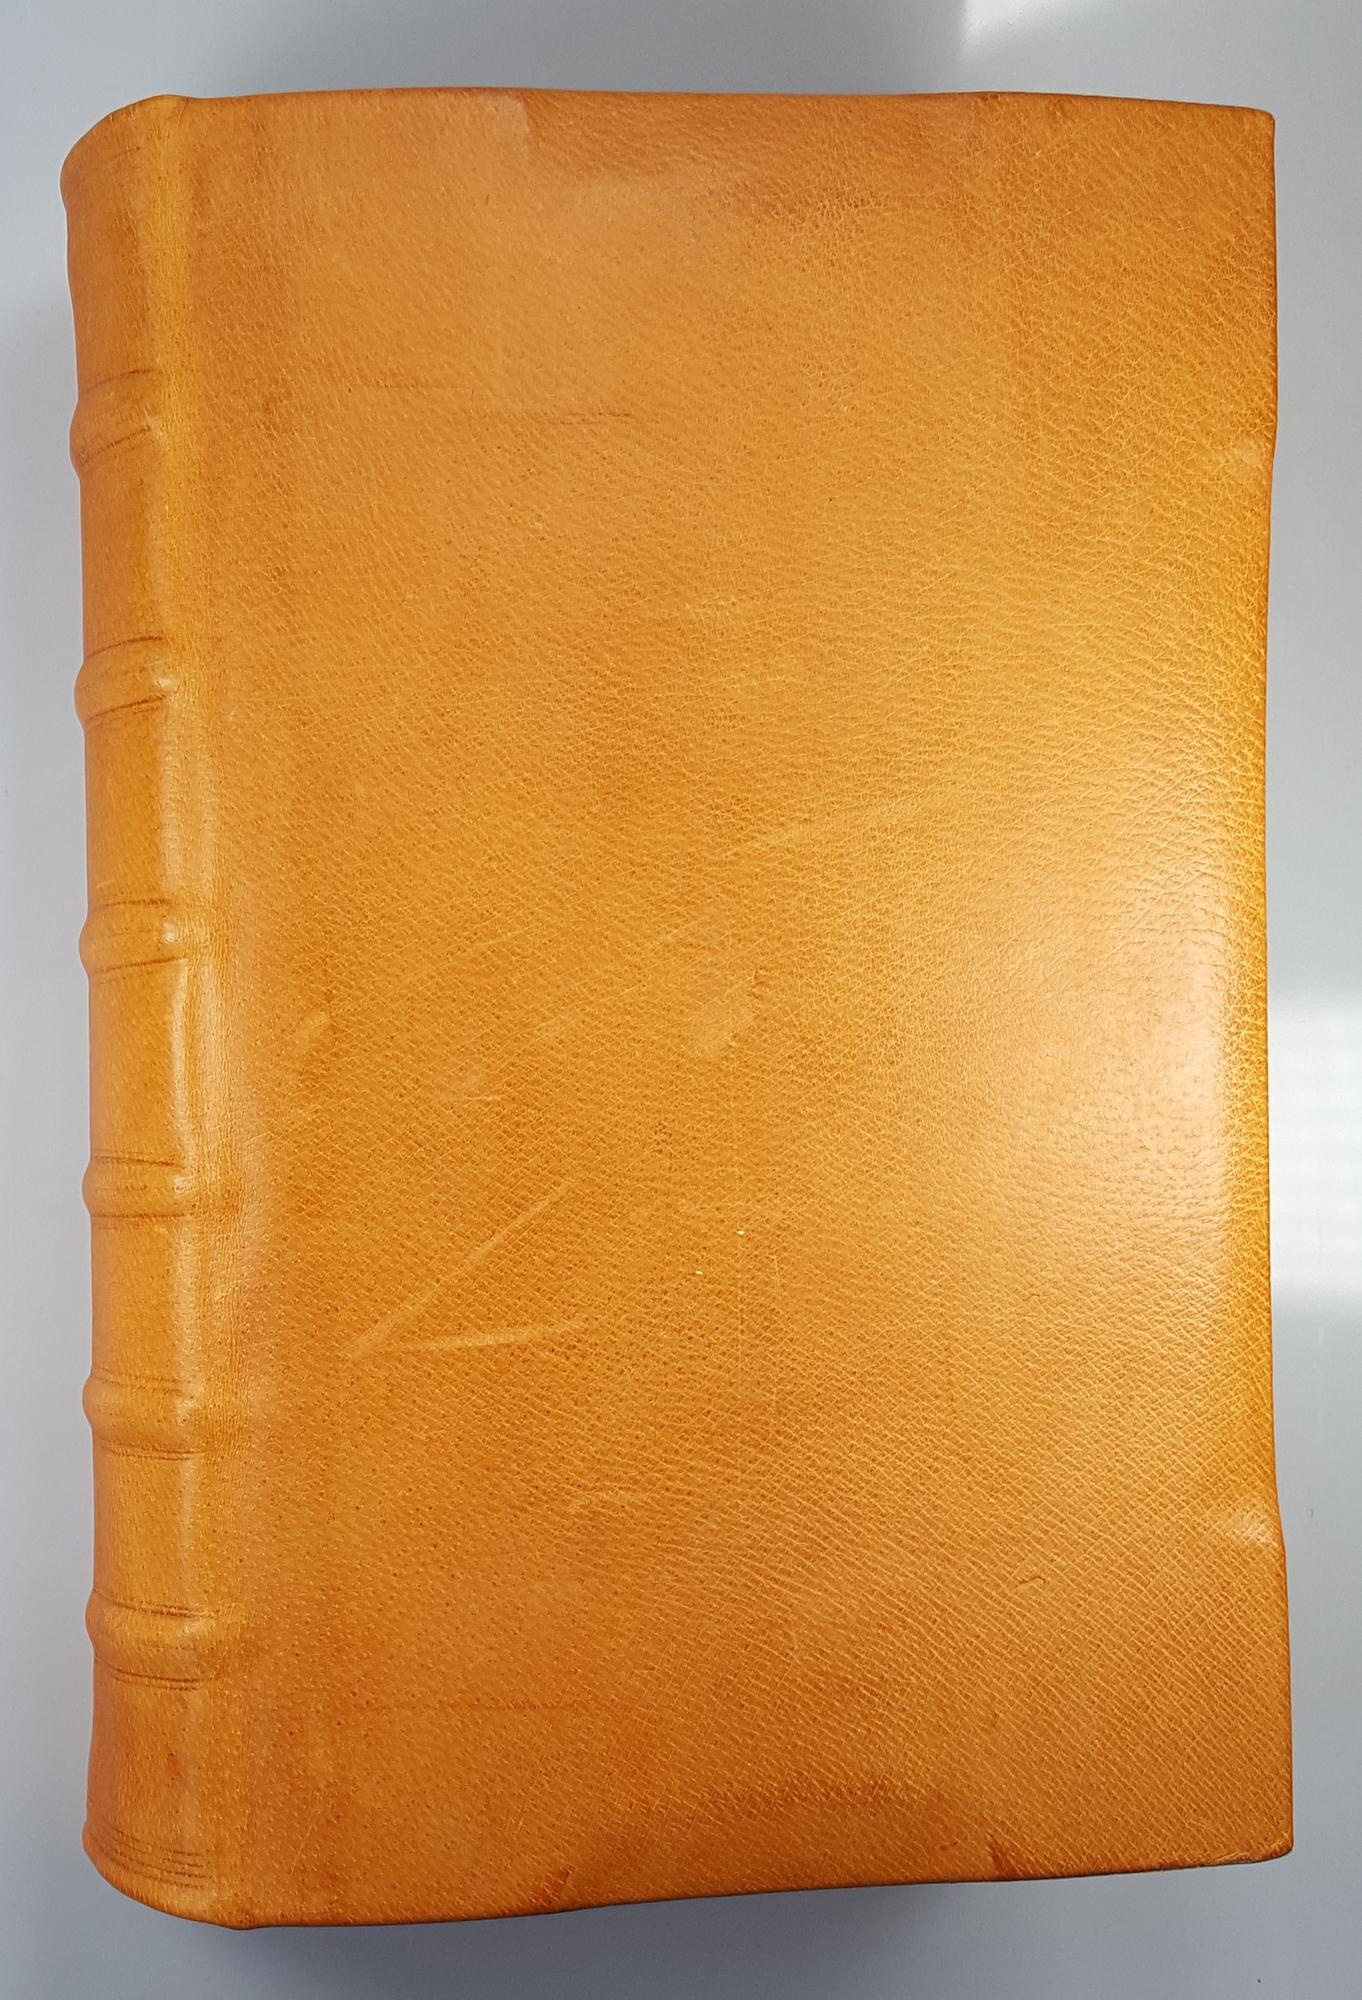 Neuw vollkommentlich Kreuterbuch. Mit sonderm Fleiß gemehret: Tabernaemontanus, Jakob Theodor: